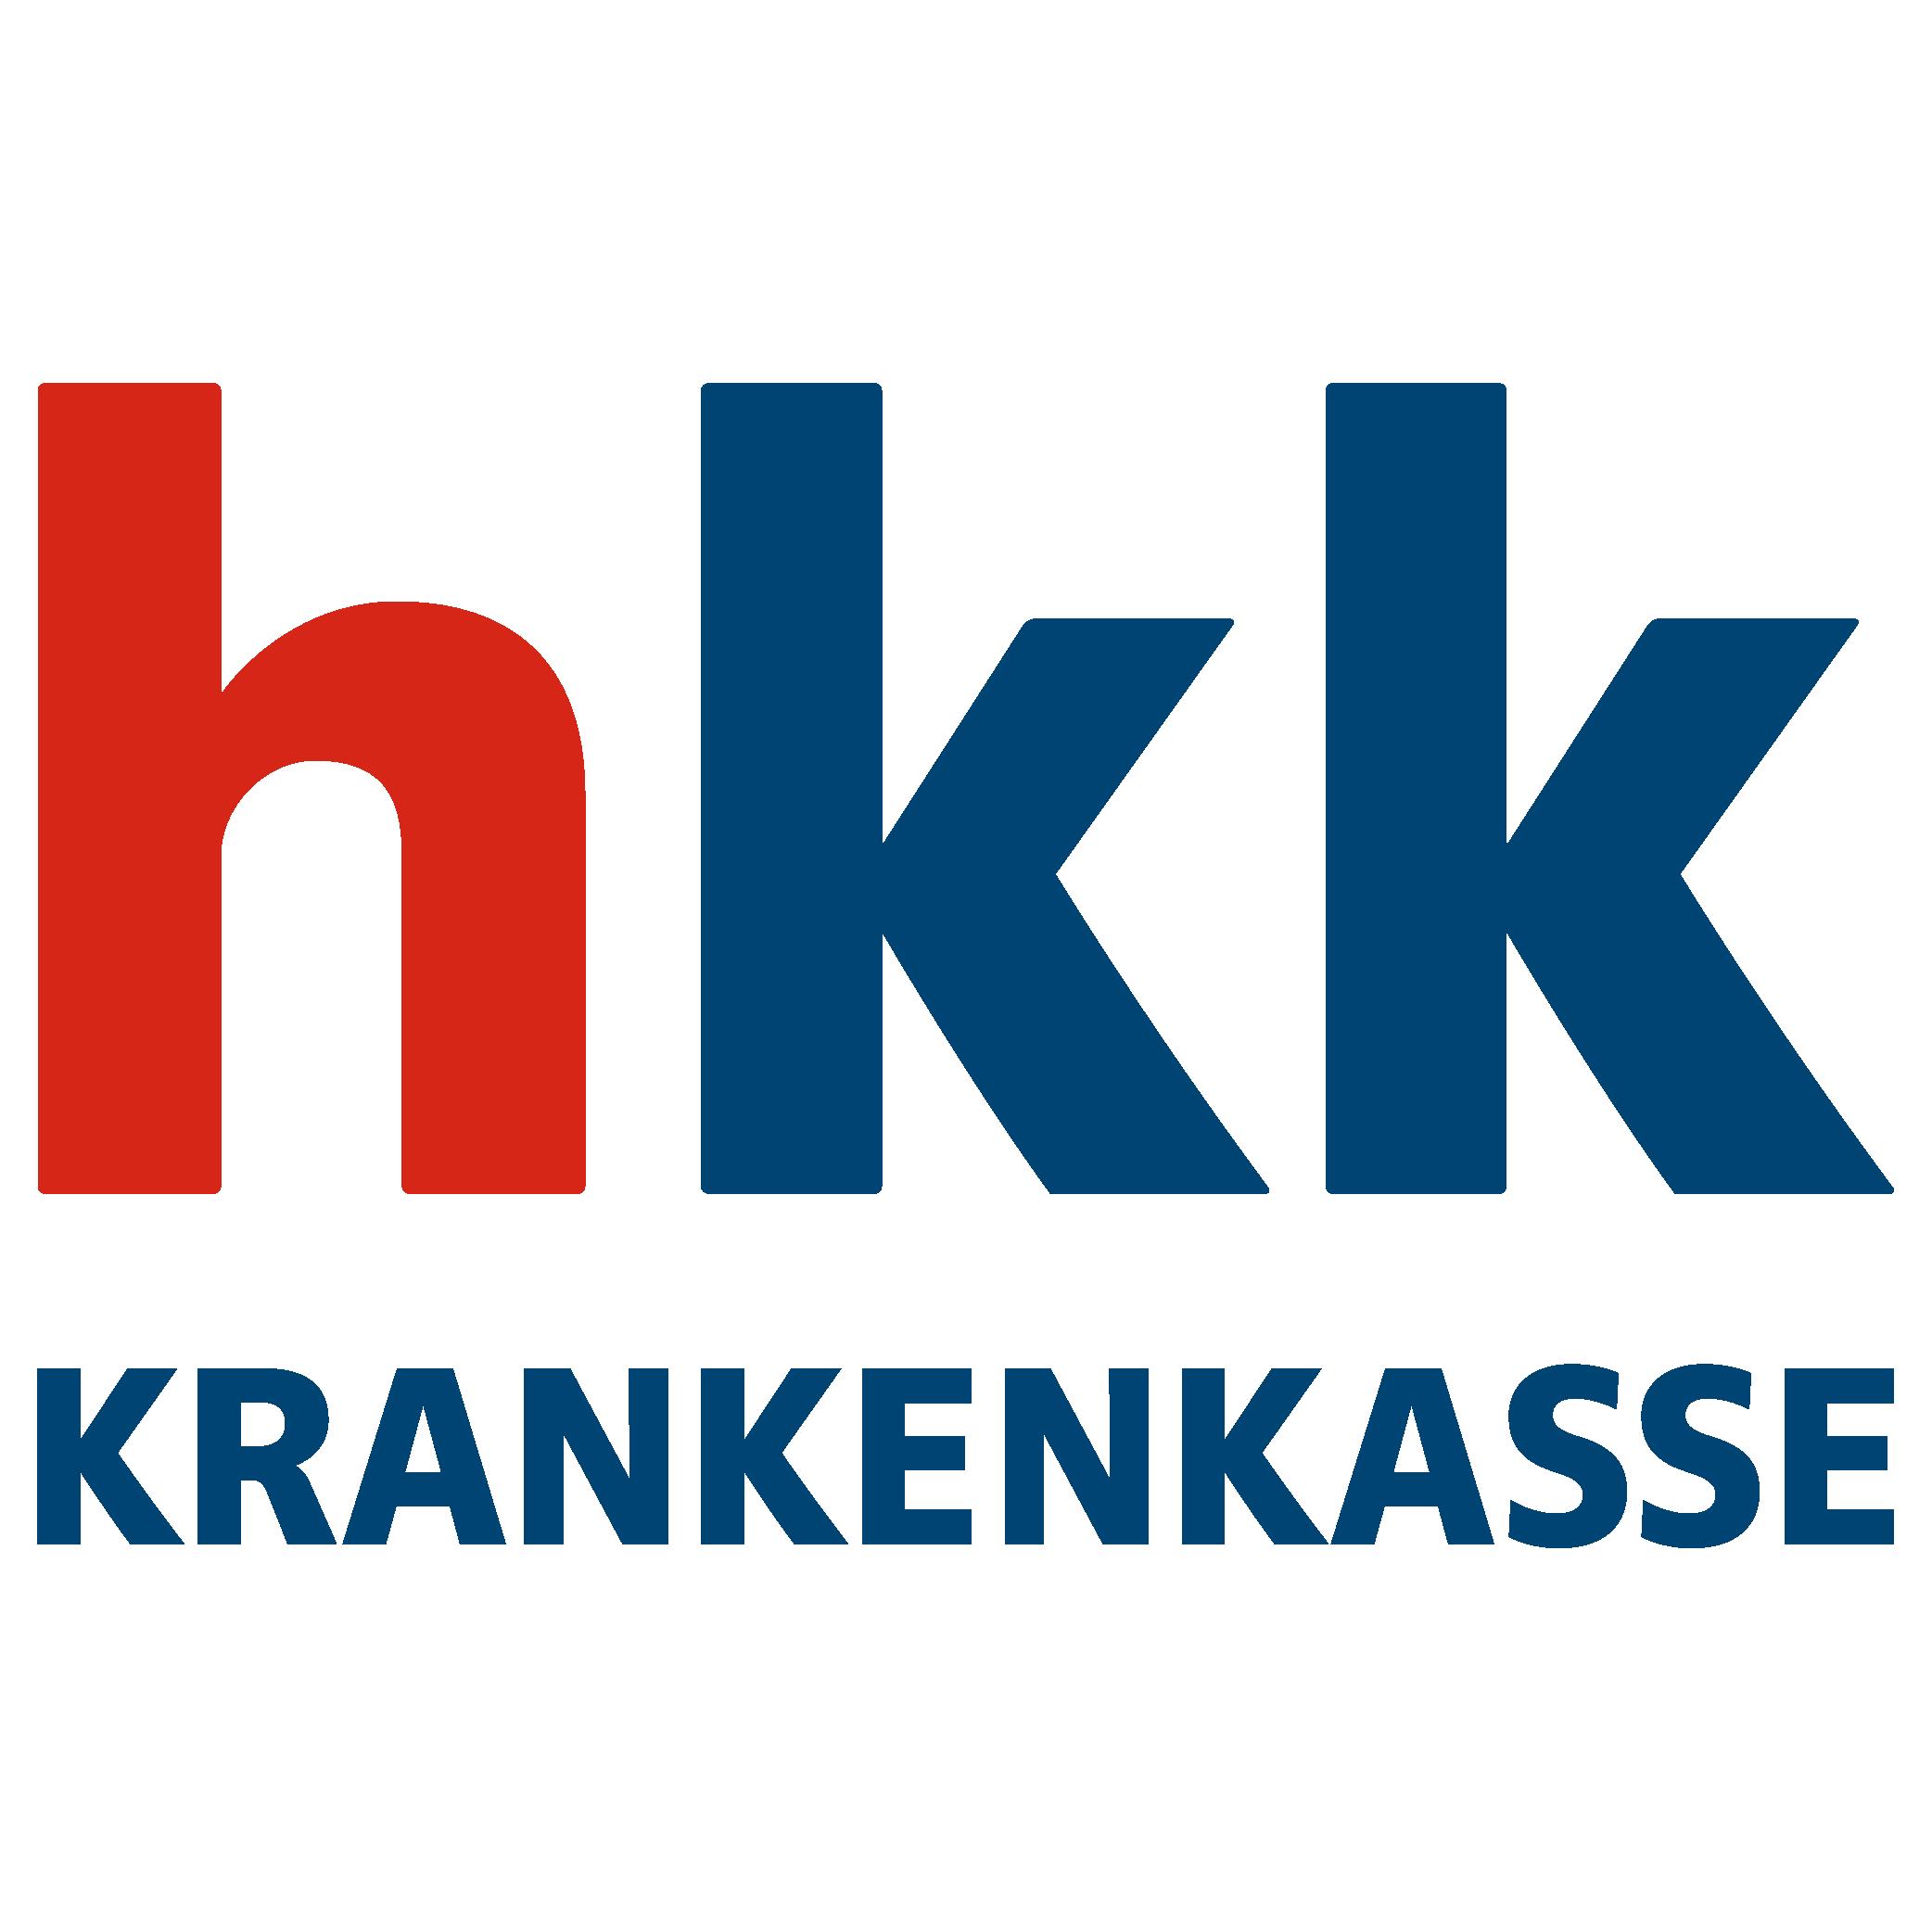 Markenzeichen der HKK - Handelskrankenkasse